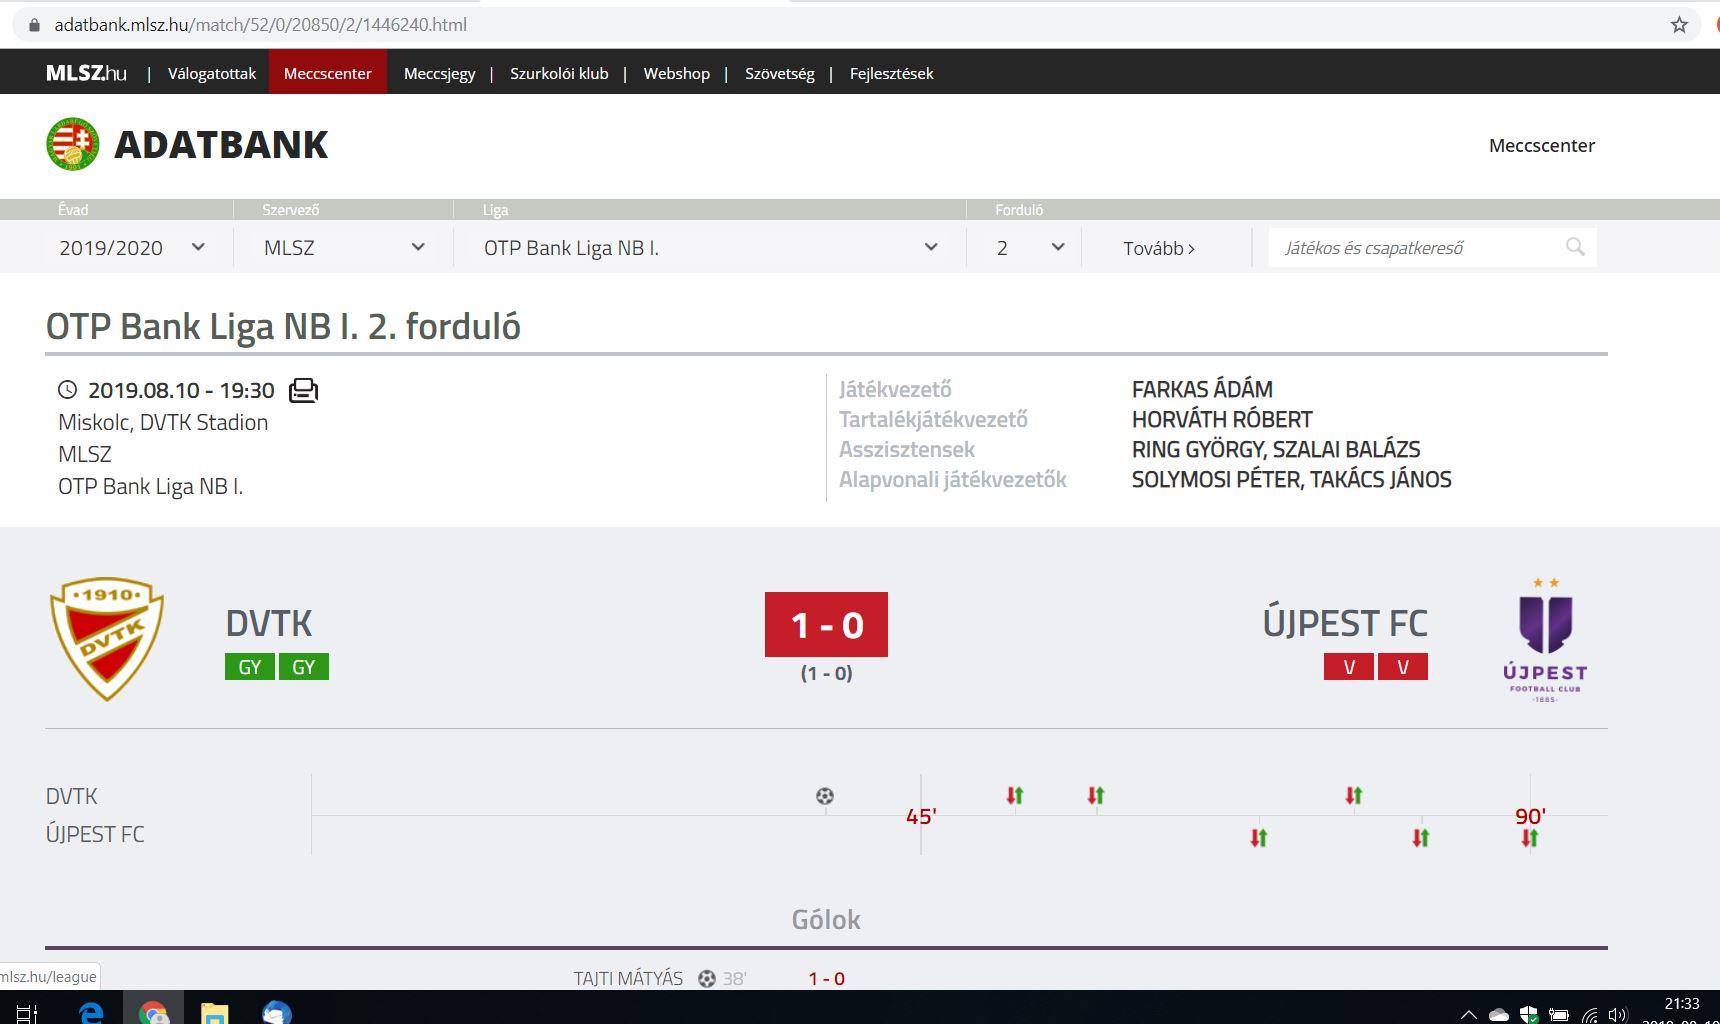 Újpest FC - forrás: adatbank.mlsz.hu